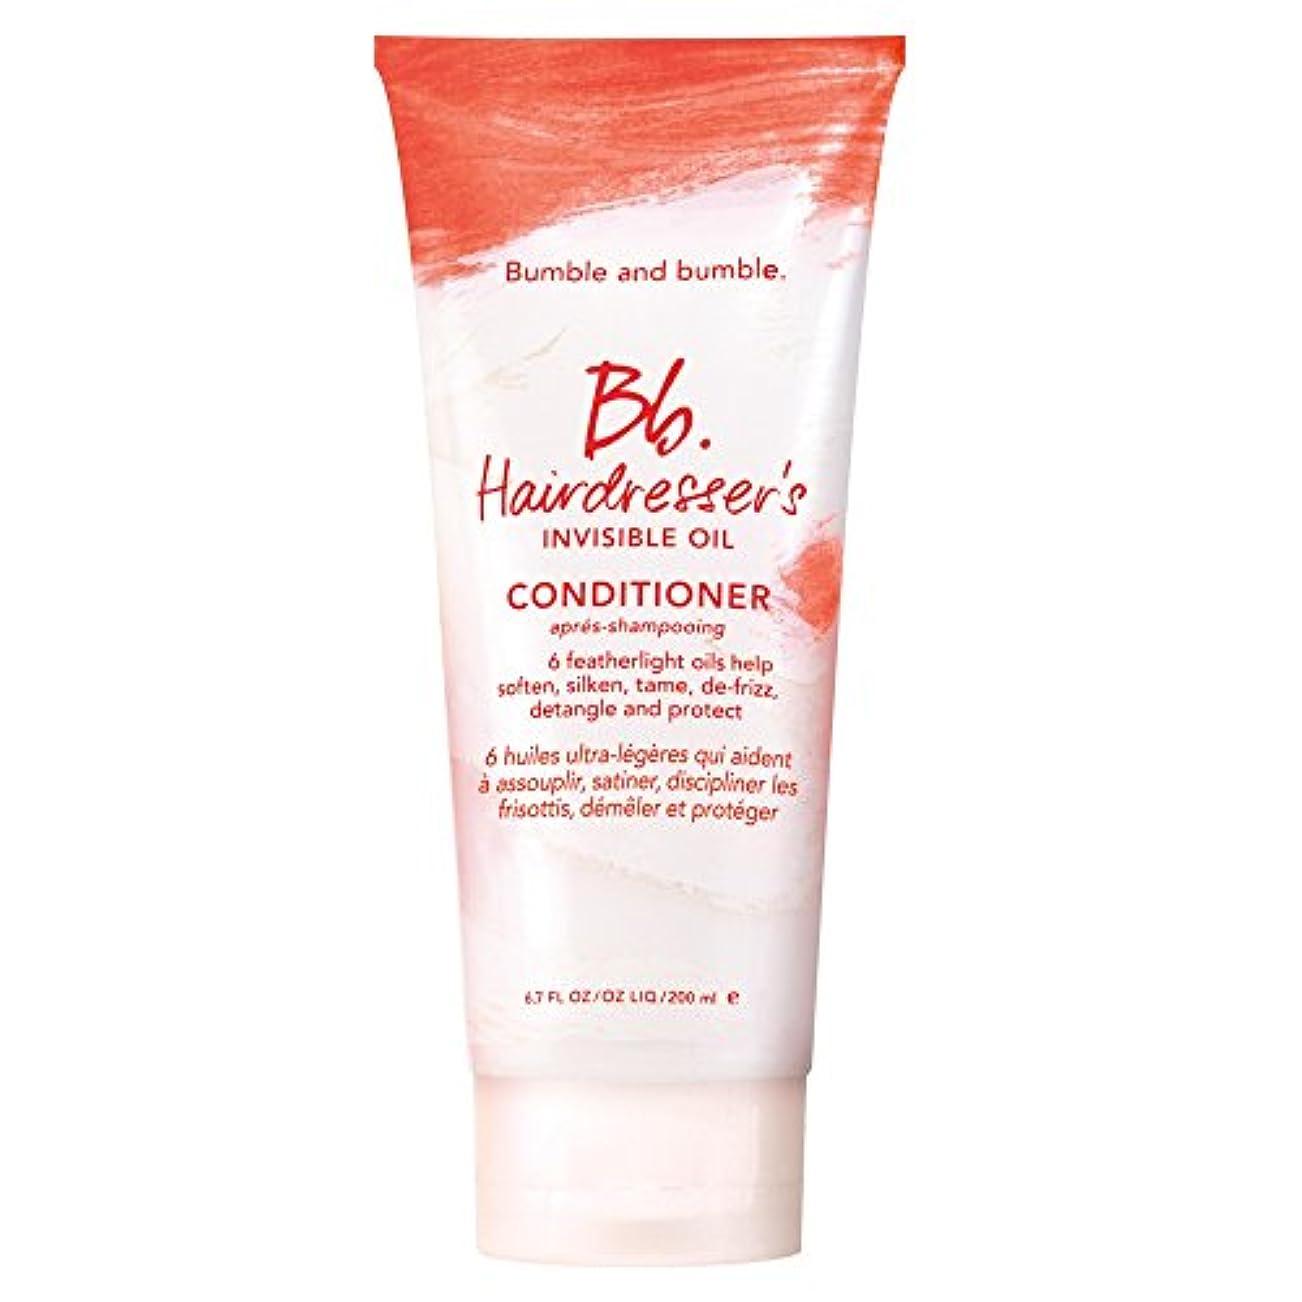 偏差失業者泥棒バンブルアンドバンブル美容見えないオイルコンディショナー200ミリリットル (Bumble and bumble) (x2) - Bumble and bumble Hairdressers invisible oil...